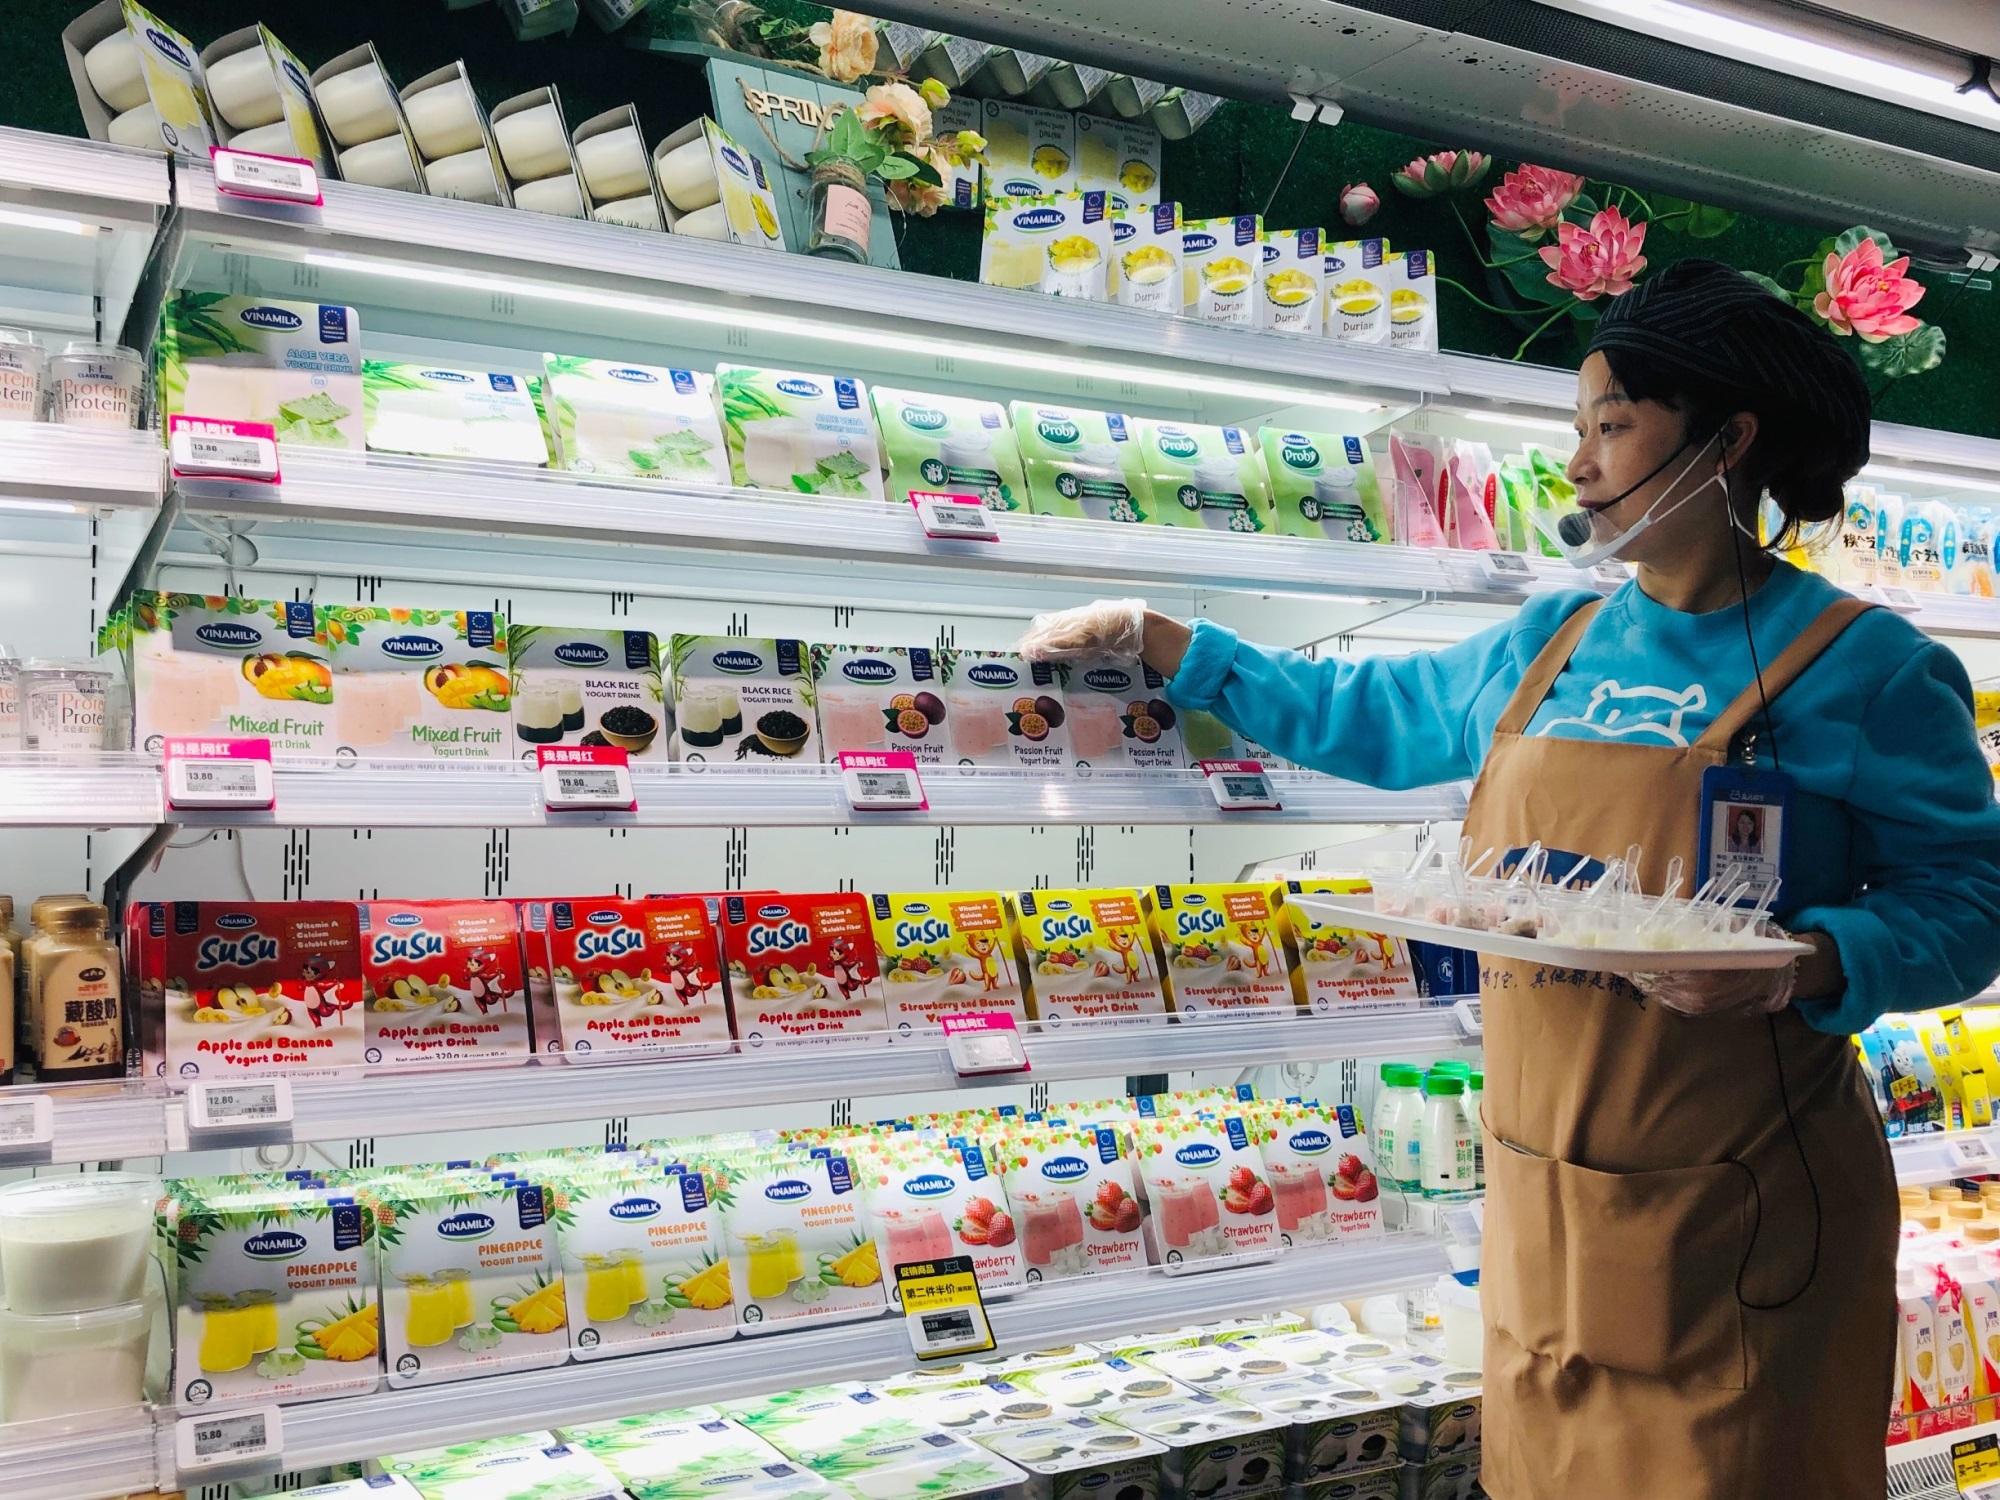 Sữa chua Vinamilk đã có mặt tại siêu thị thông minh Hema của Alibaba tại Trung Quốc - Ảnh 2